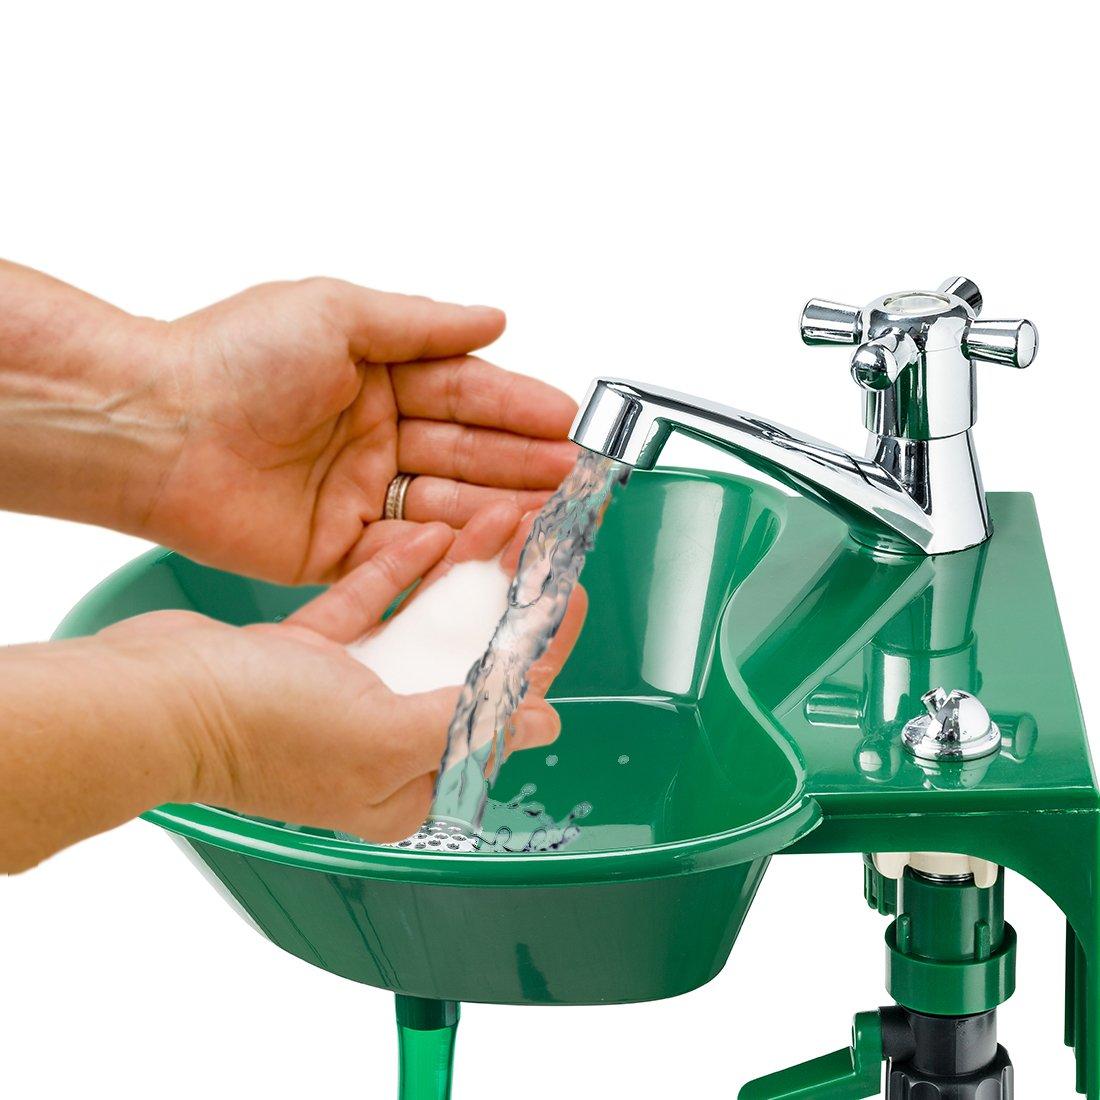 Al aire libre – y grifo para fregadero – integrado potable agua fuente – Transforma cualquier espiga de jardín